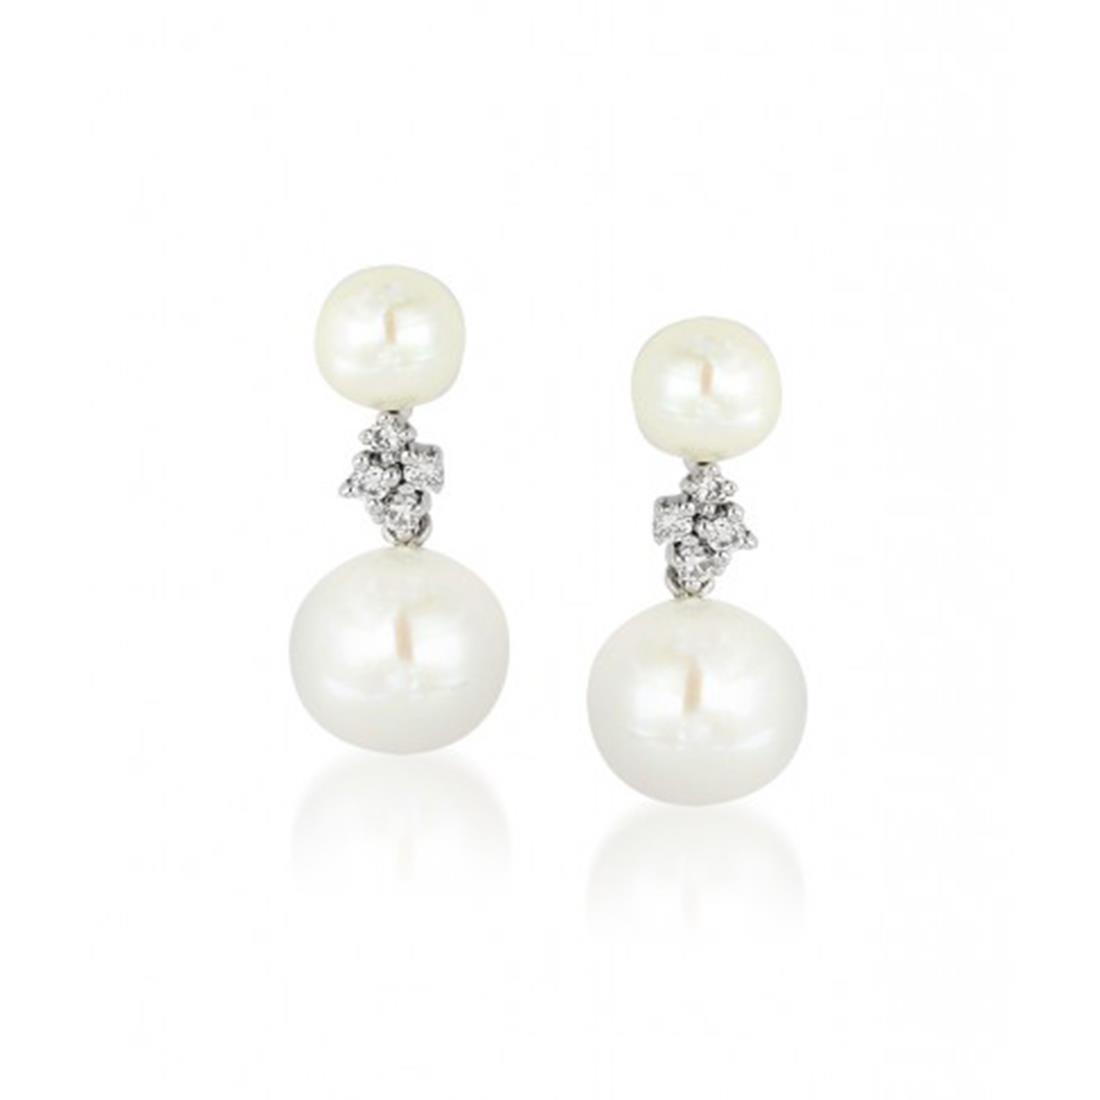 Orecchini in oro bianco con diamanti e perle - BLISS